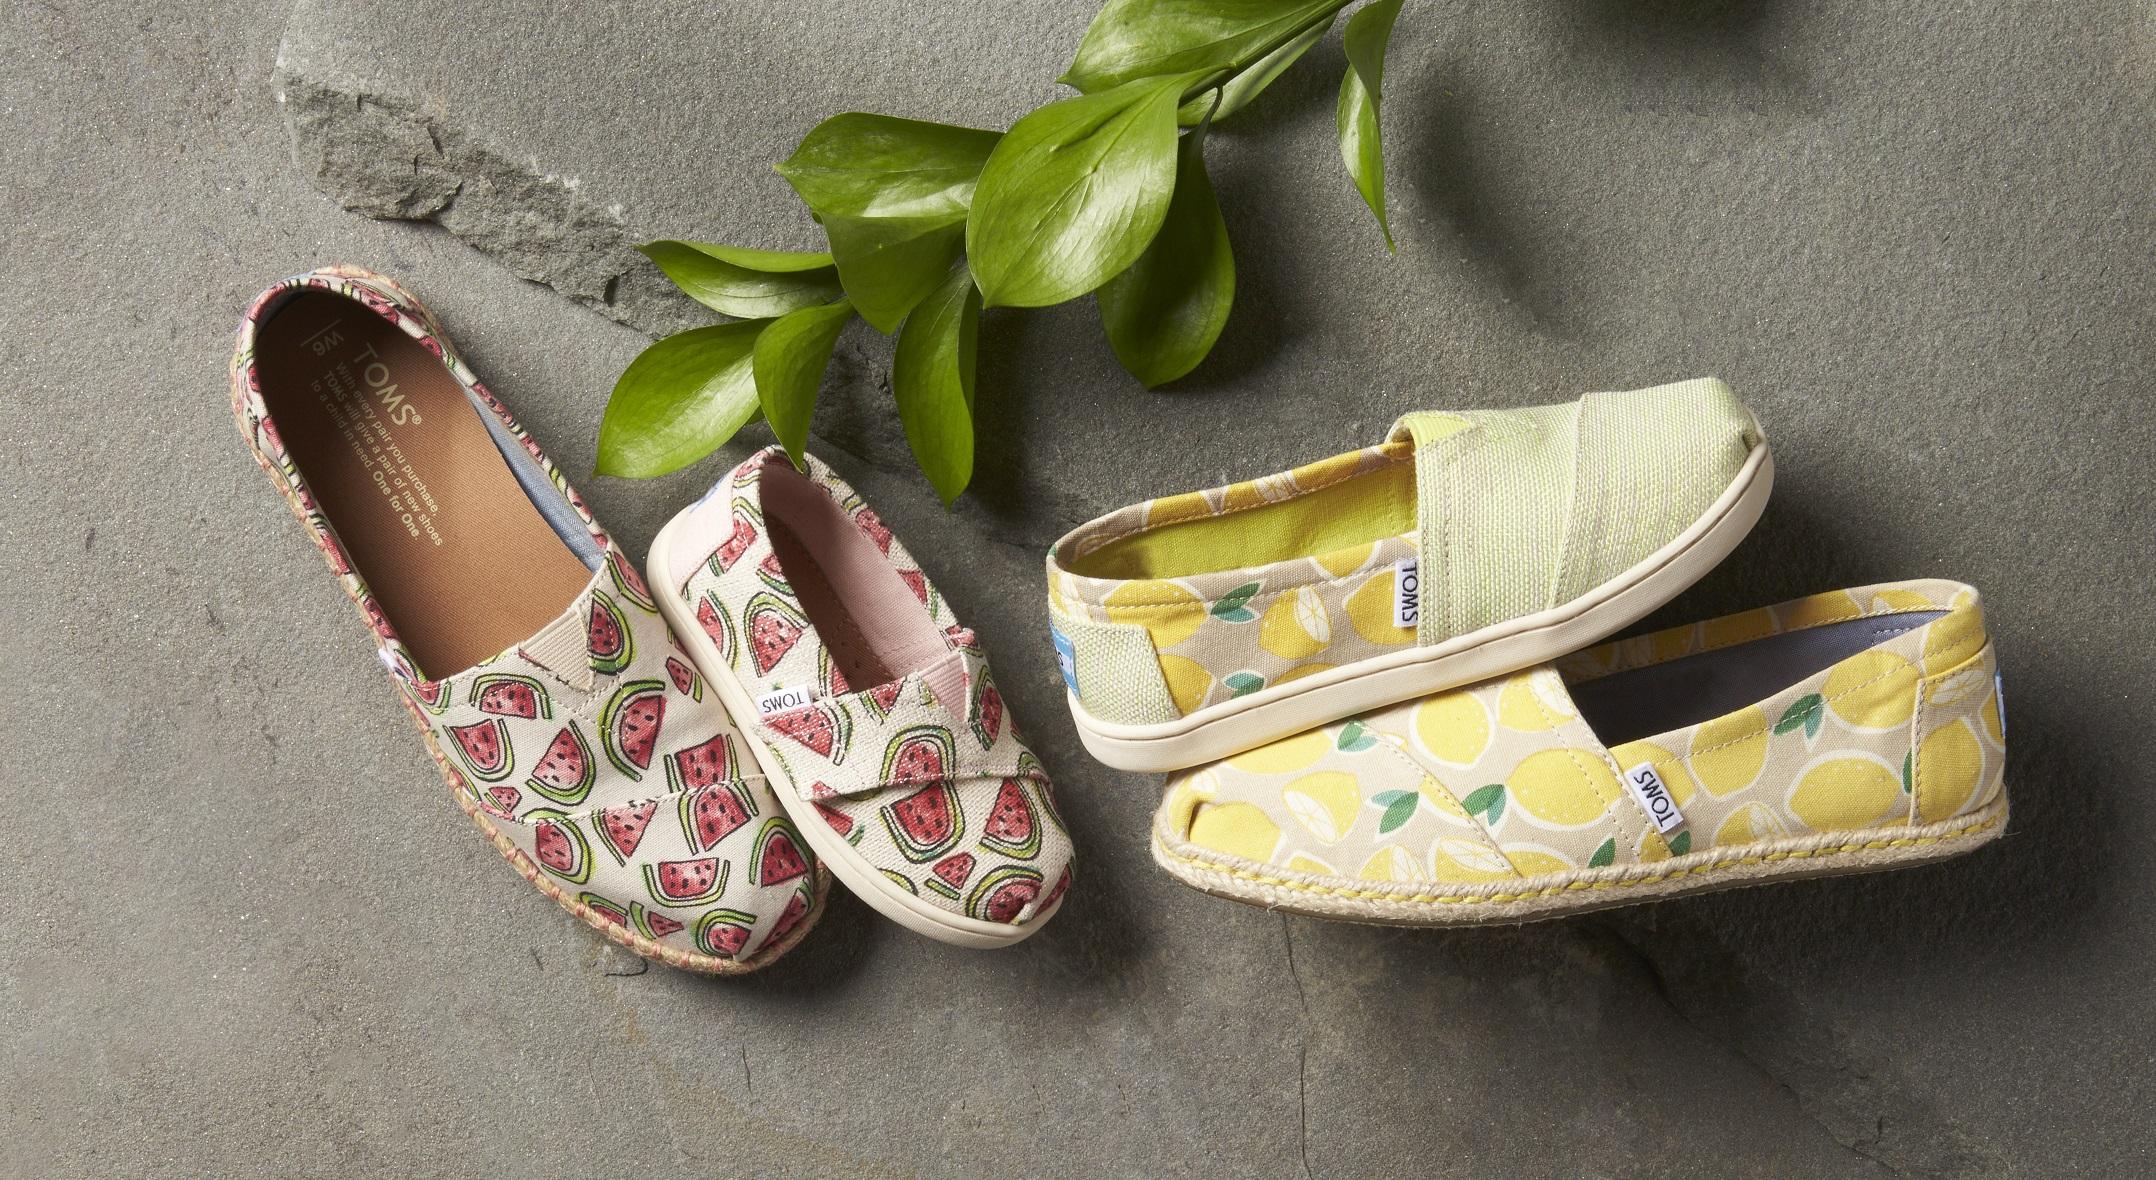 Nowa kolekcja butów TOMS